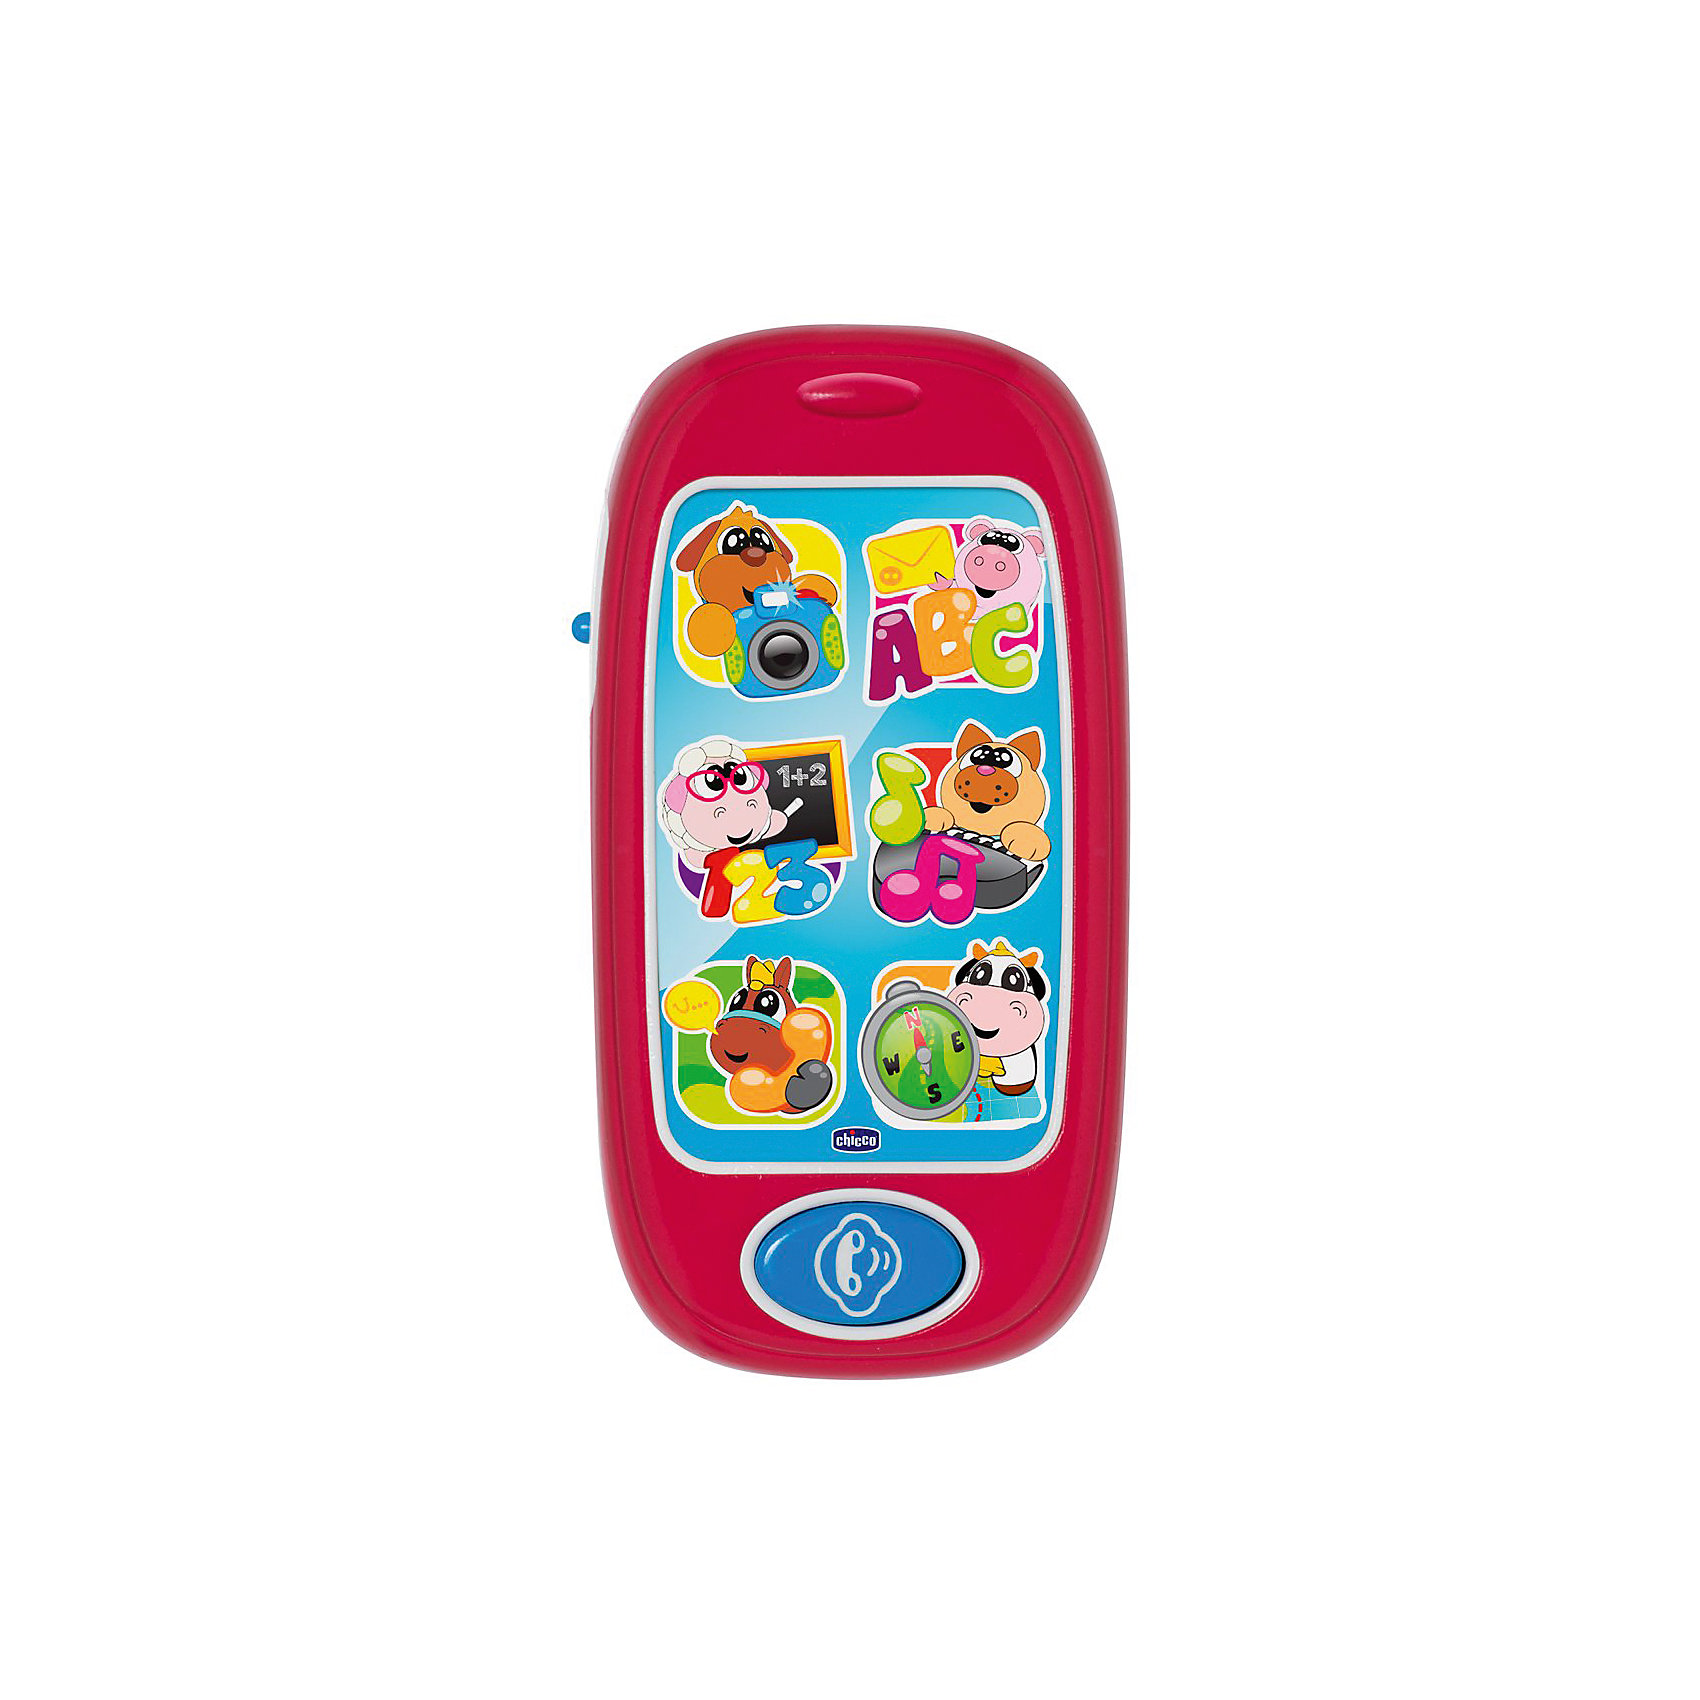 Развивающая игрушка Говорящий смартфон ABC (рус/англ), ChiccoИнтерактивные игрушки для малышей<br>Развивающая игрушка Говорящий смартфон ABC (рус/англ), Chicco<br><br>Характеристики:<br><br>- в набор входит: телефон<br>- состав: пластик<br>- функции: световые и звуковые эффекты, 24 мелодии<br>- элементы питания: на батарейках<br>- для детей в возрасте: от 6 месяцев до 3 лет <br>- Страна производитель: Китай<br><br>Новый смартфон из серии Двуязычная обучающая игрушка от известного итальянского бренда товаров для детей Chicco (Чико) придут по вкусу малышам. В этом телефоне семь больших кнопок и 24 разные мелодии на русском и английском языках. Шесть веселых животных: собачка, хрюшка, овечка, котик, лошадка и коровка помогут малышу научиться цифрам, буквам, дням недели, направлению движения, стихам, звукам животных, песням для детей и мелодиям. Кнопки с животными мигают. <br><br>Элементы питания надежно спрятаны внутри телефона и ребенок не сможет их достать, с помощью отвертки можно их заменить. Играя с телефоном малыш сможет развивать тактильное, звуковое и цветовое восприятие, сможет развивать память, логическое мышление научиться базовым фразам на двух языках.<br><br>Развивающую игрушку Говорящий смартфон ABC (рус/англ), Chicco можно купить в нашем интернет-магазине.<br><br>Ширина мм: 141<br>Глубина мм: 204<br>Высота мм: 46<br>Вес г: 180<br>Возраст от месяцев: 6<br>Возраст до месяцев: 36<br>Пол: Унисекс<br>Возраст: Детский<br>SKU: 5379345